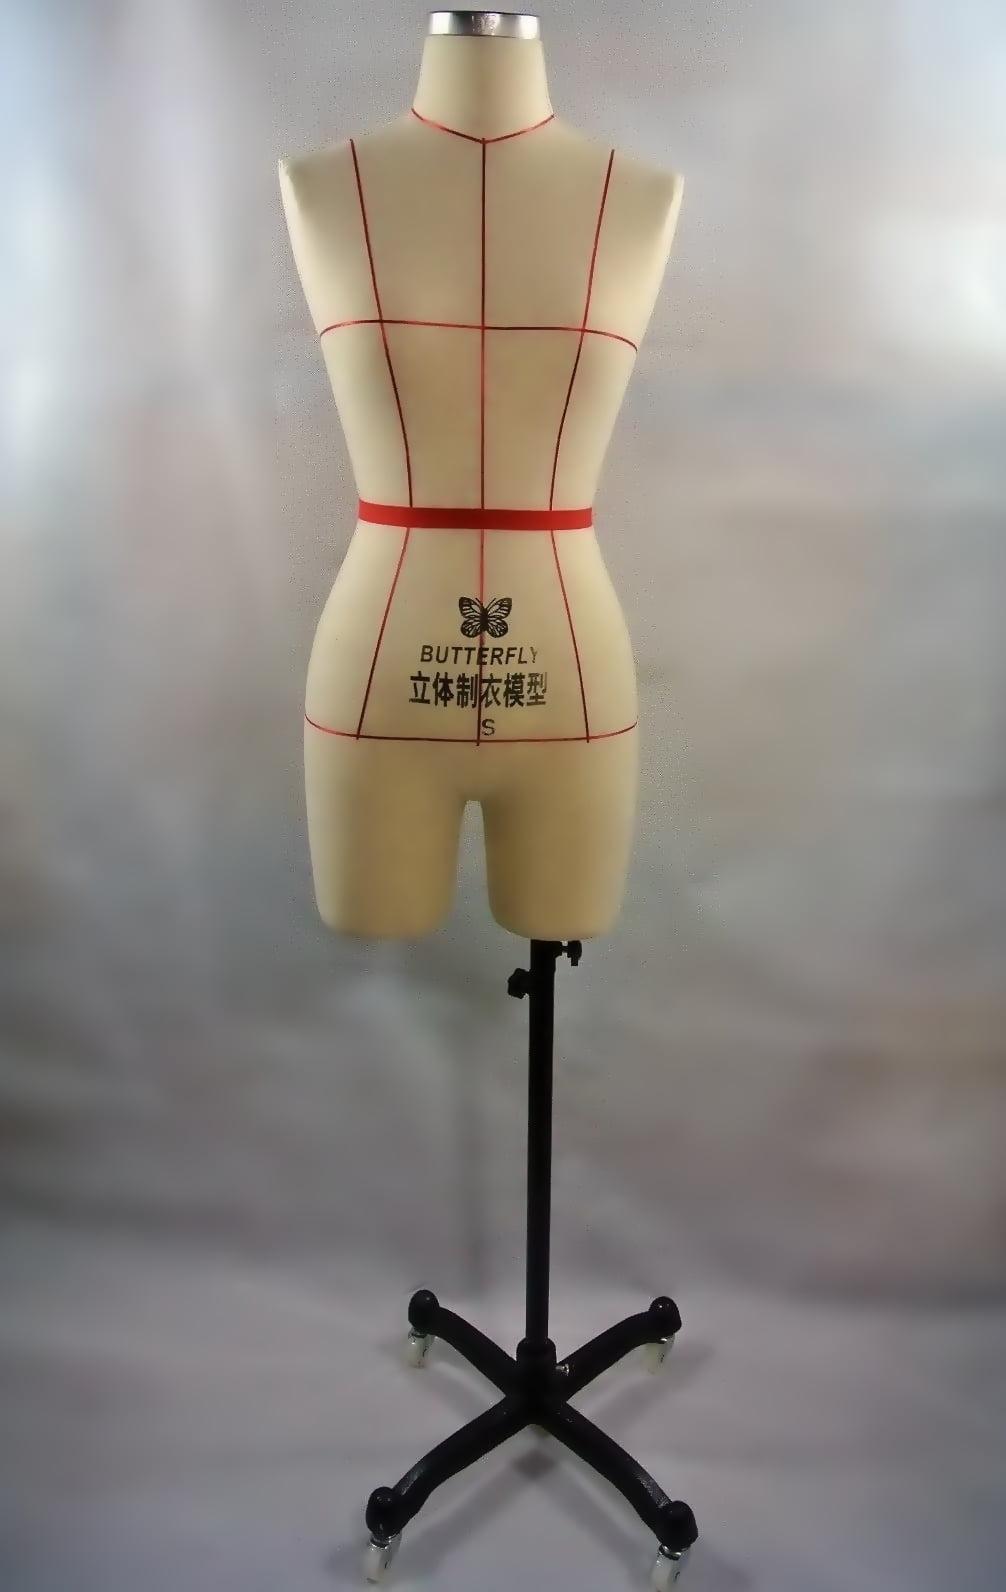 Manechin de croitorie cu tipar Manechine Vitrina si Croitorie